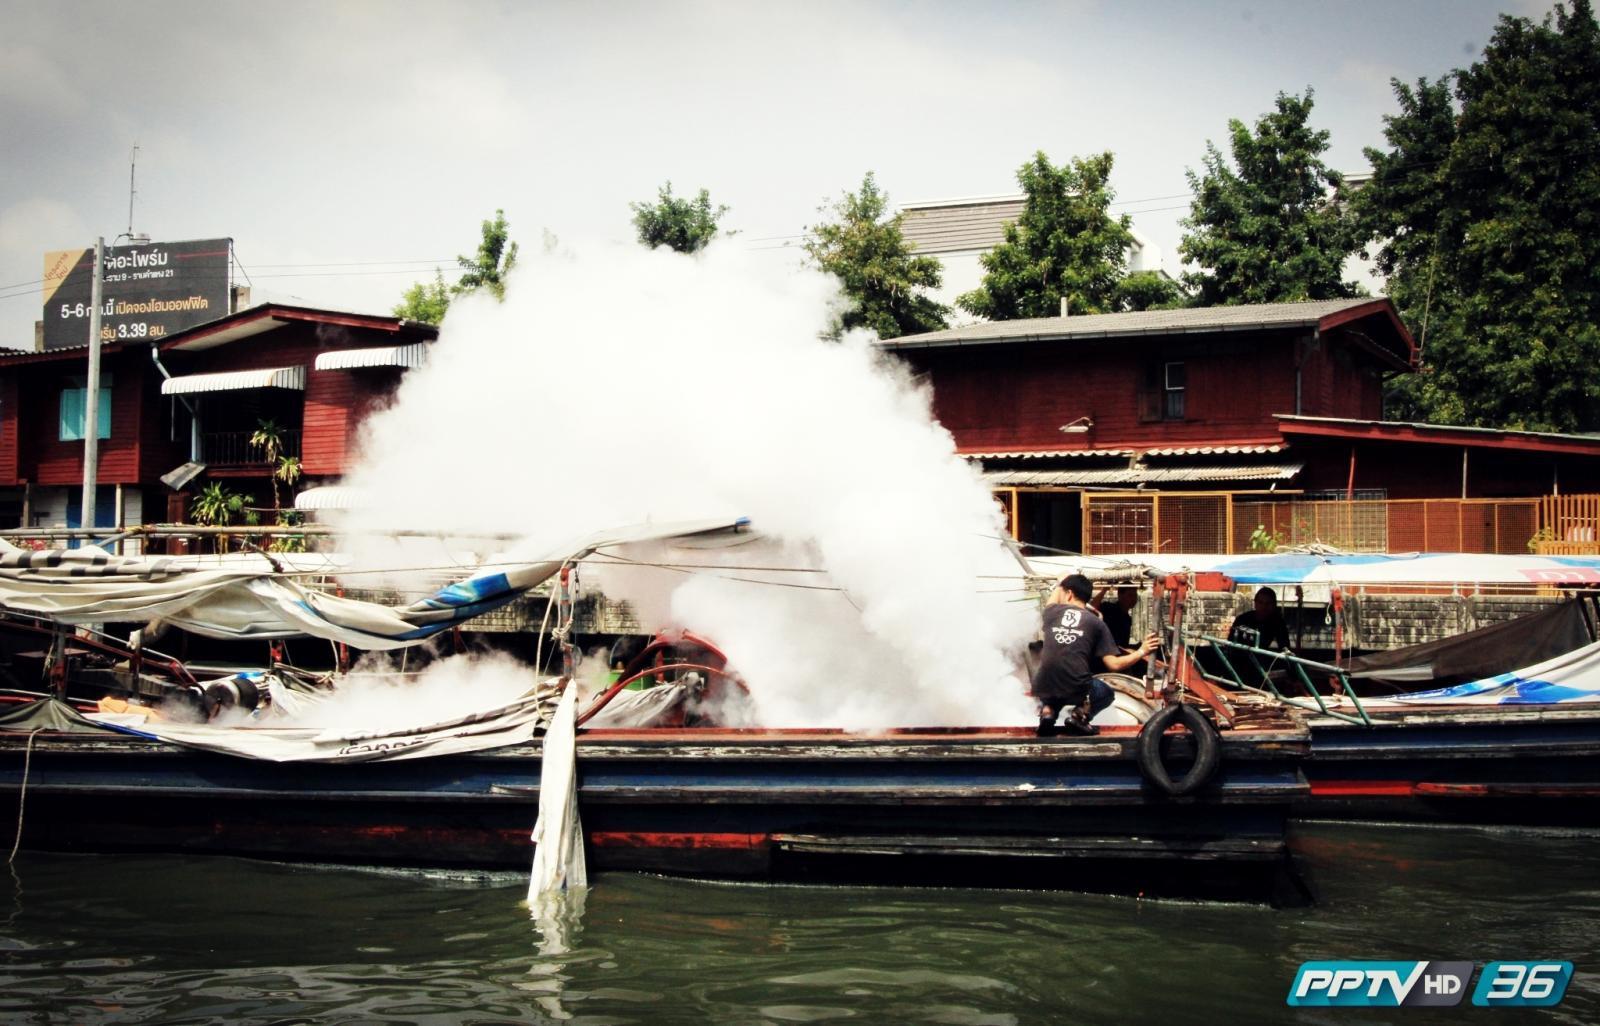 อุบัติเหตุขนส่งสาธารณะ สะท้อนคุณภาพชีวิตคนไทย !!!